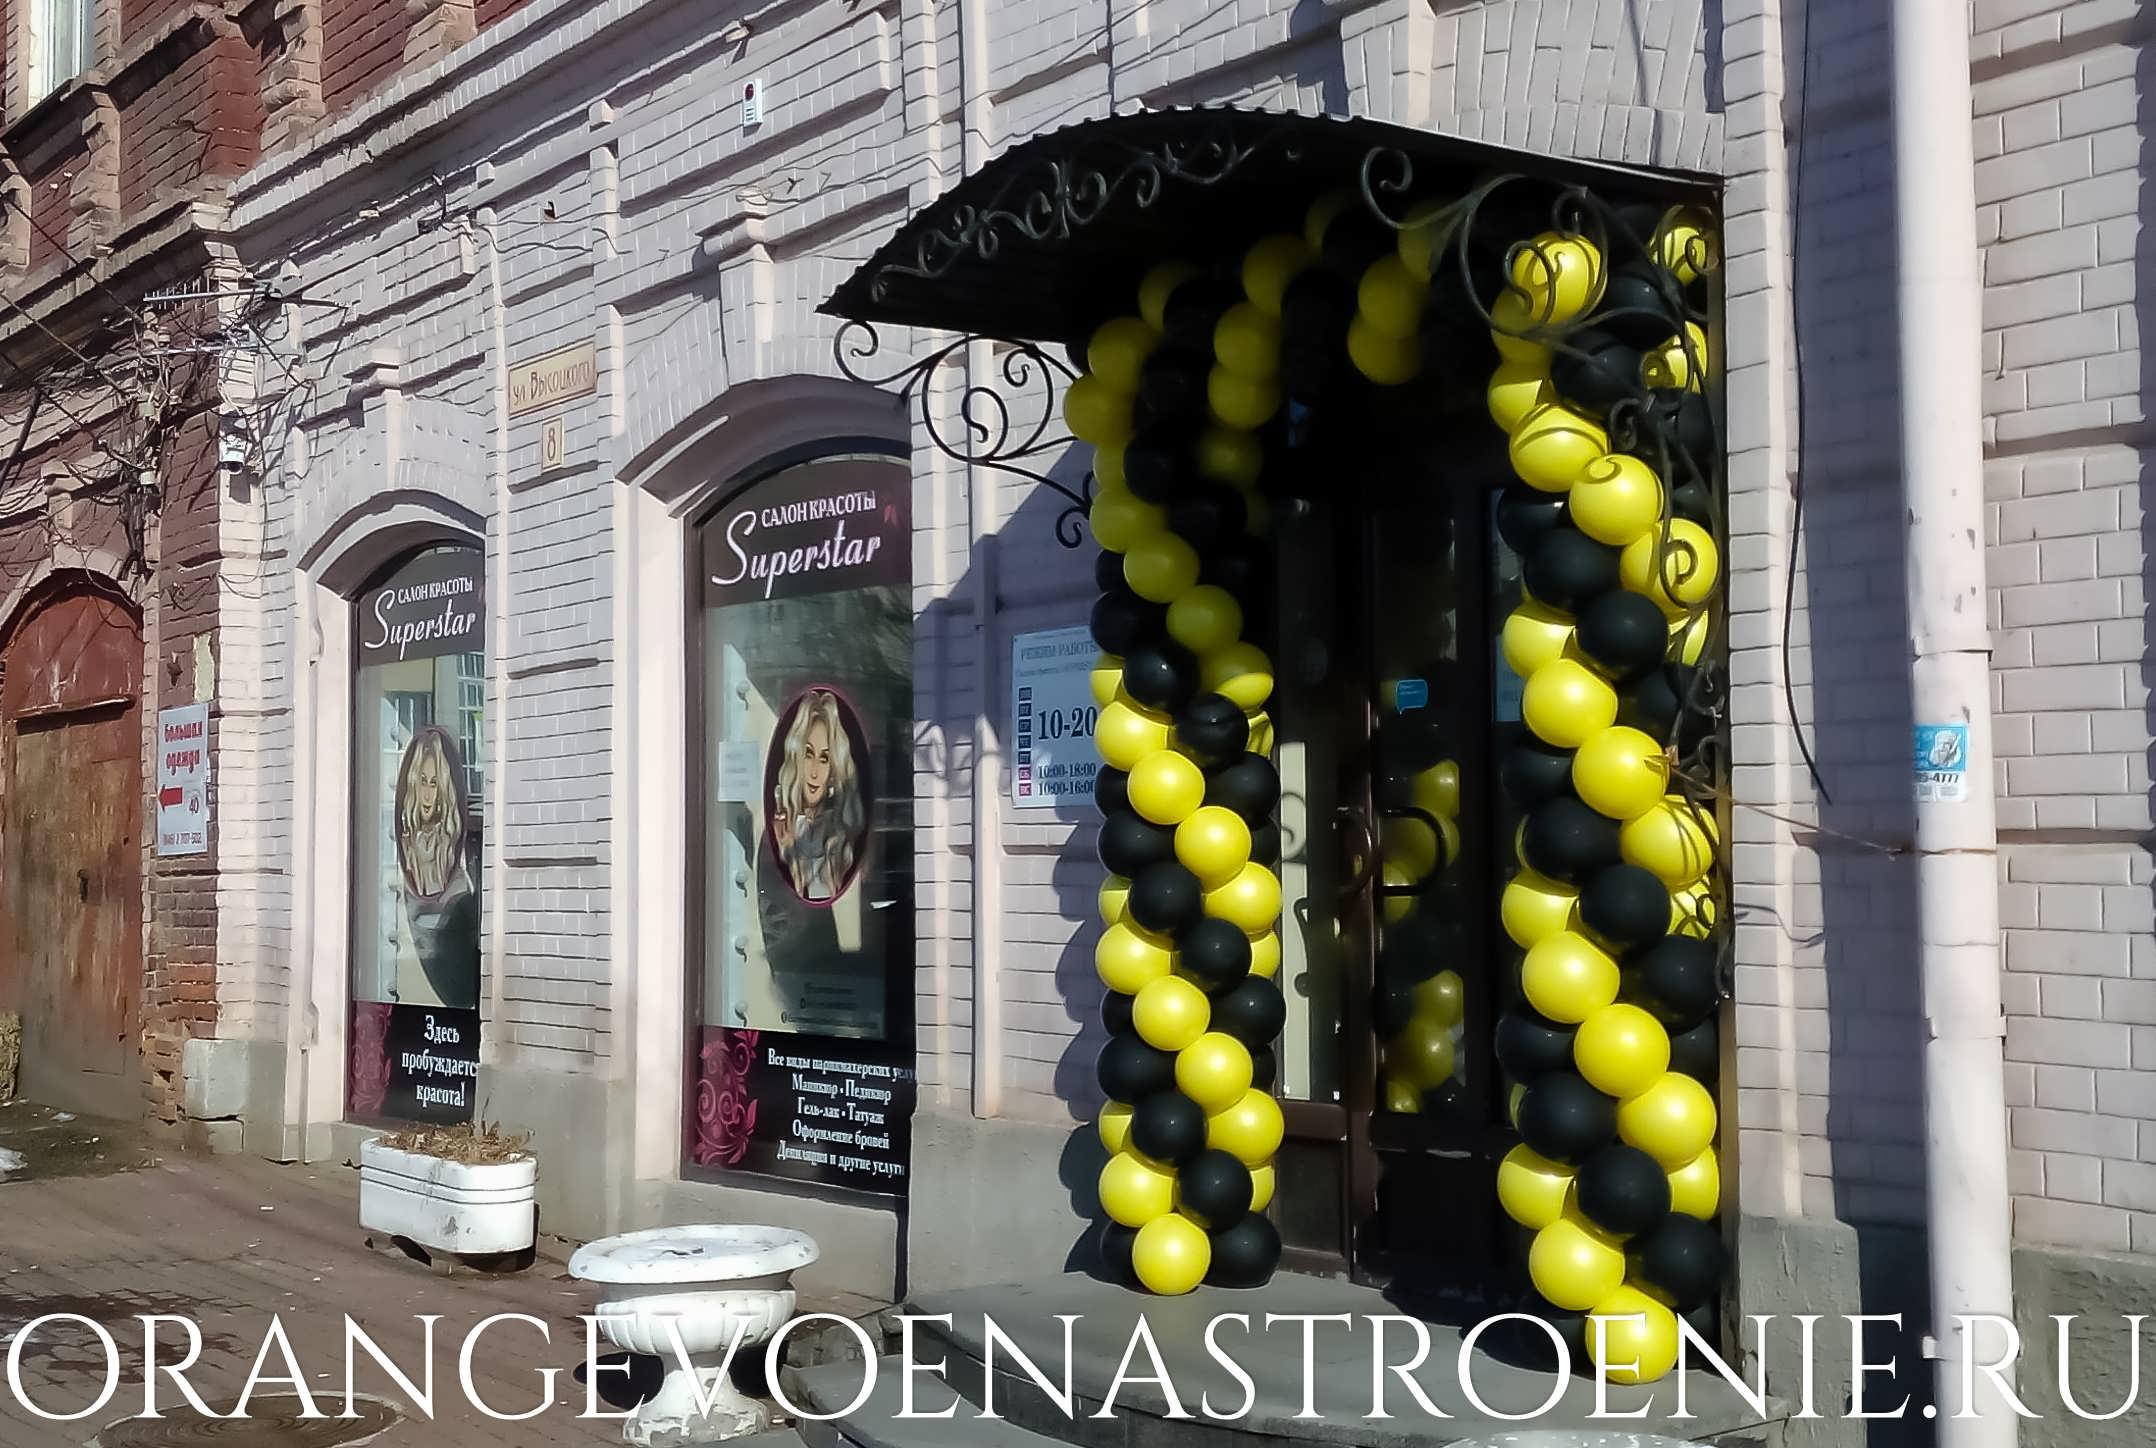 арка из воздушных шаров на открытие салонв красоты. чёрно-желтые.